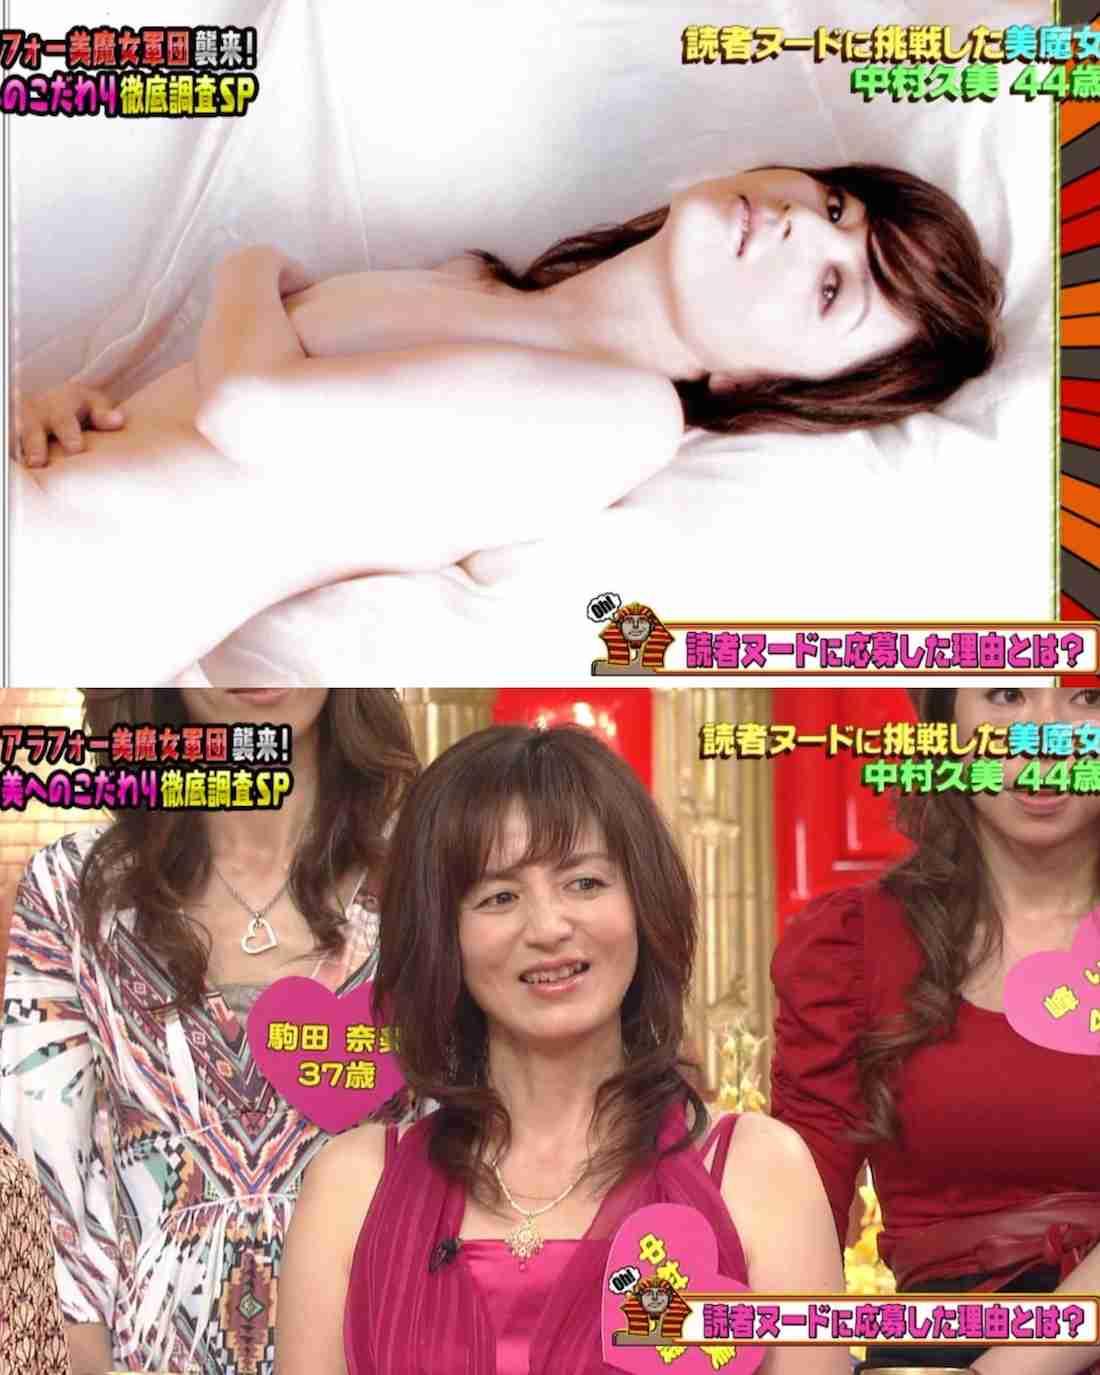 平子理沙、超絶セクシーなグラマラス美ボディ披露 写真集「heaven」発売